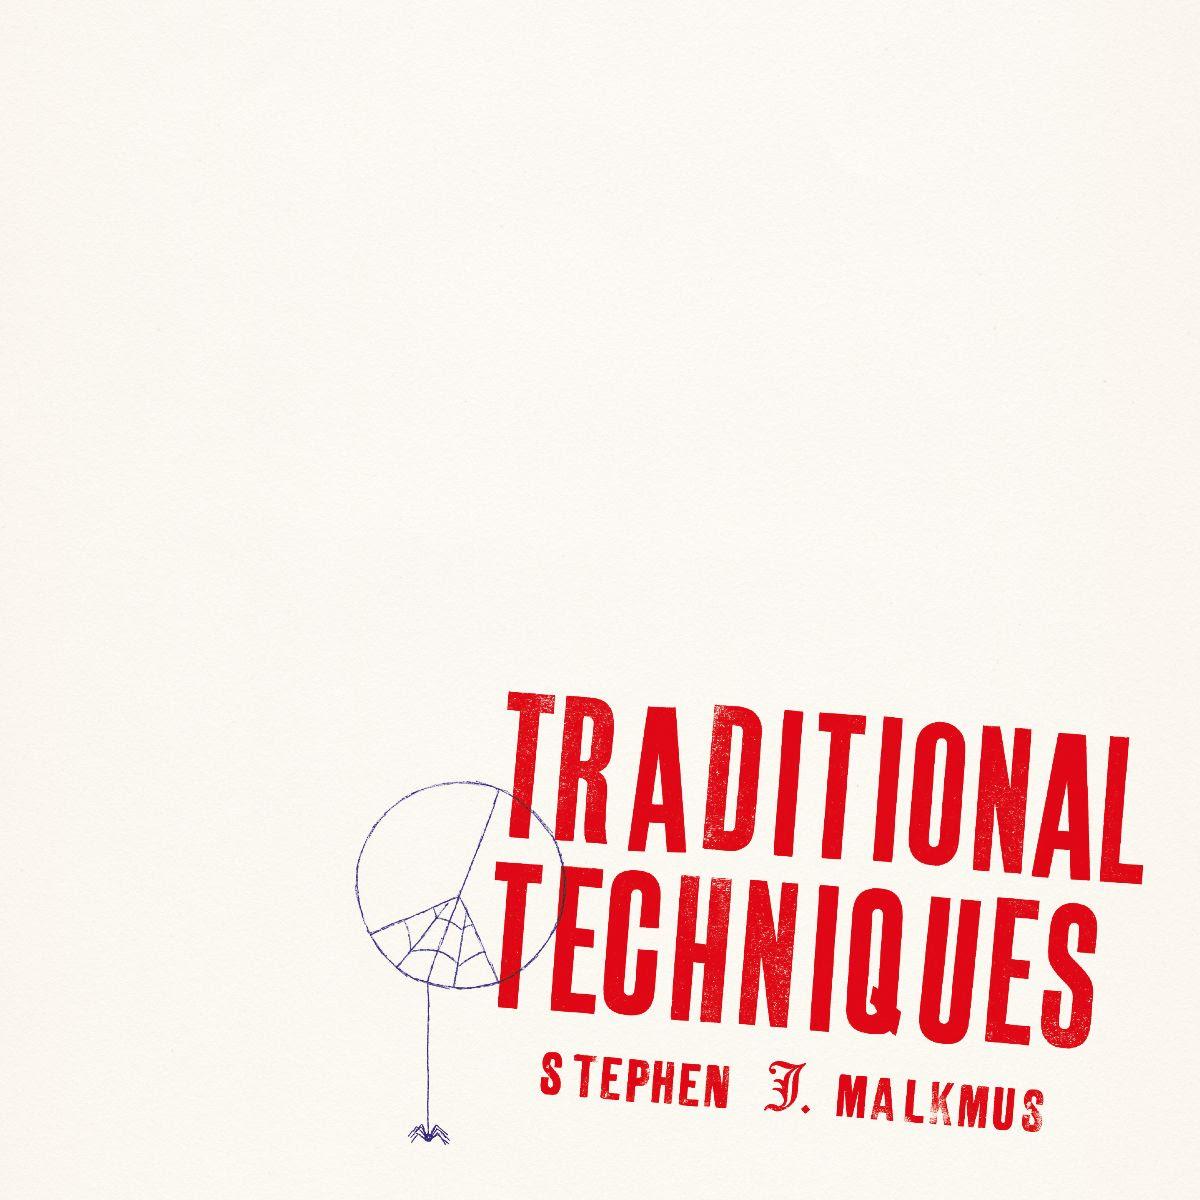 Stephen Malkmus announces 'Traditional Techniques'